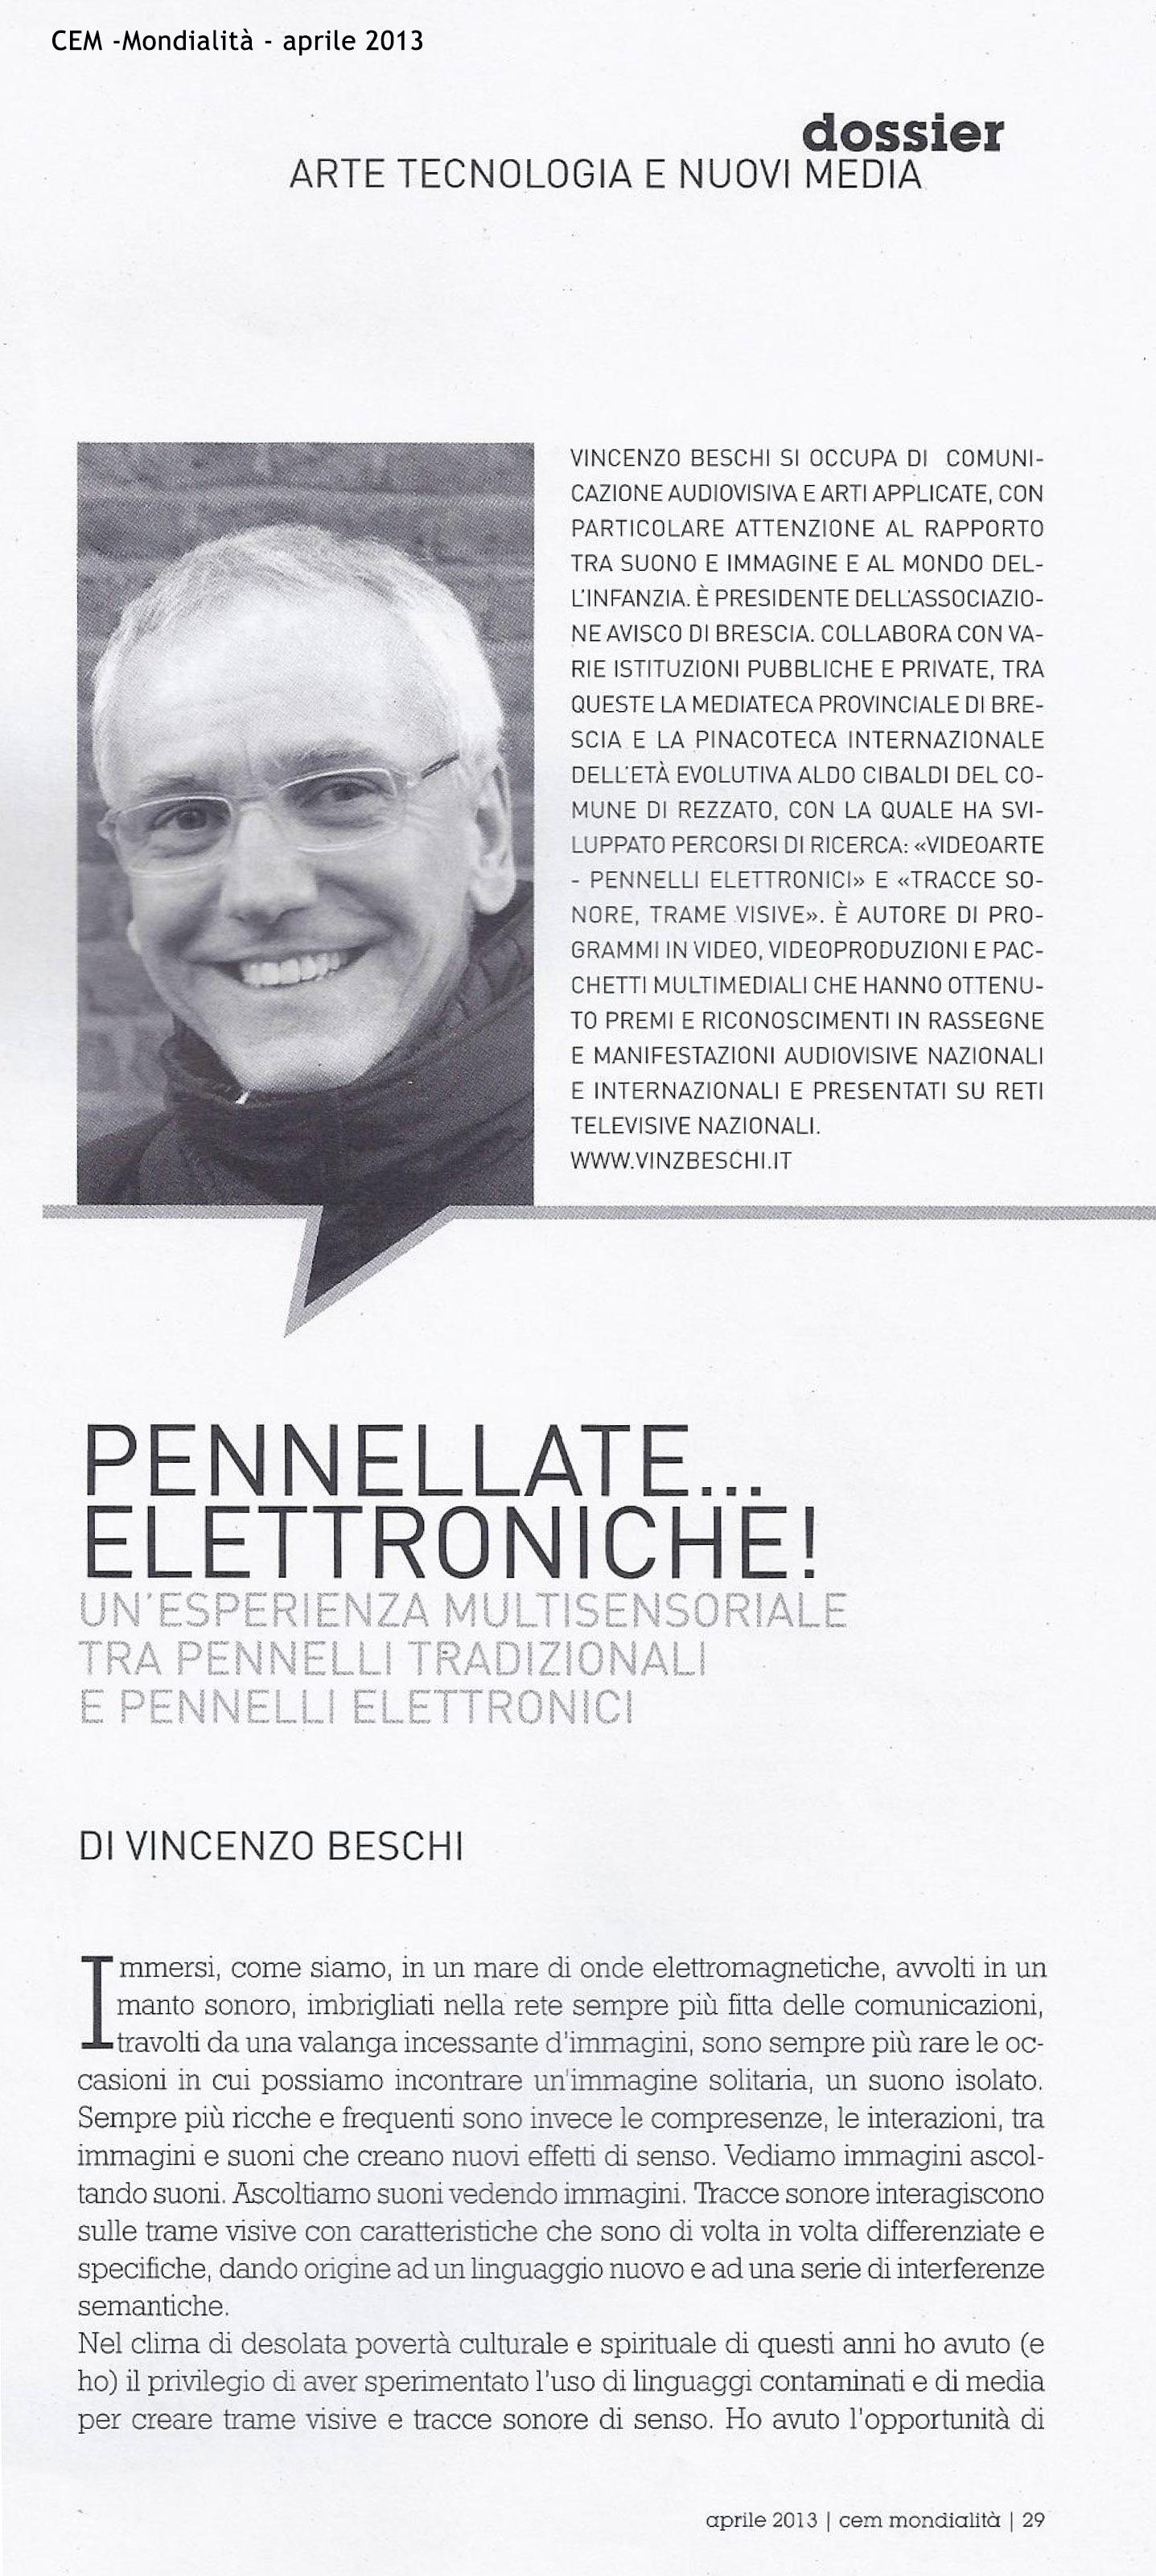 Cem_Pennellate elettroniche